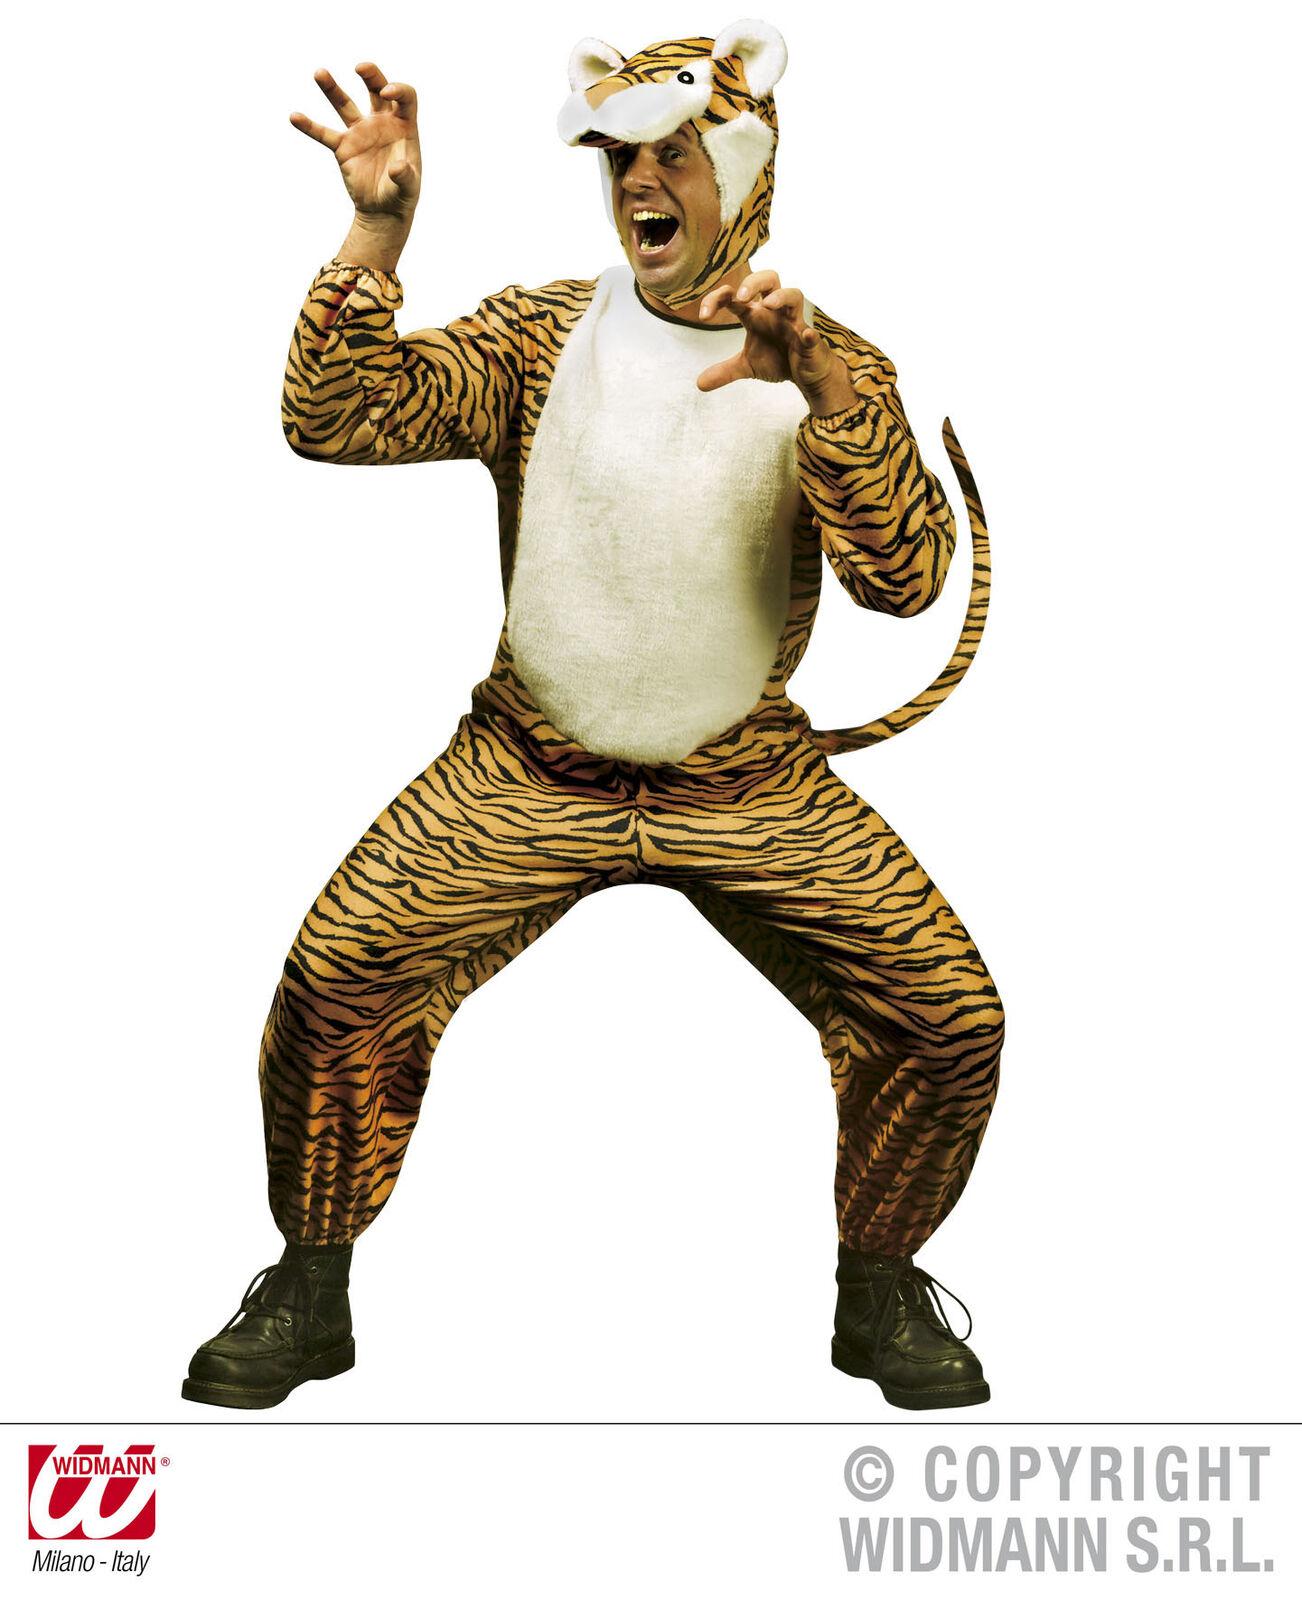 Kostüm Kostüm Kostüm Tiger - Tigerkostüm Gr. L  - Tigerkleid Tigerverkleidung Tiger Mann 7a9e82